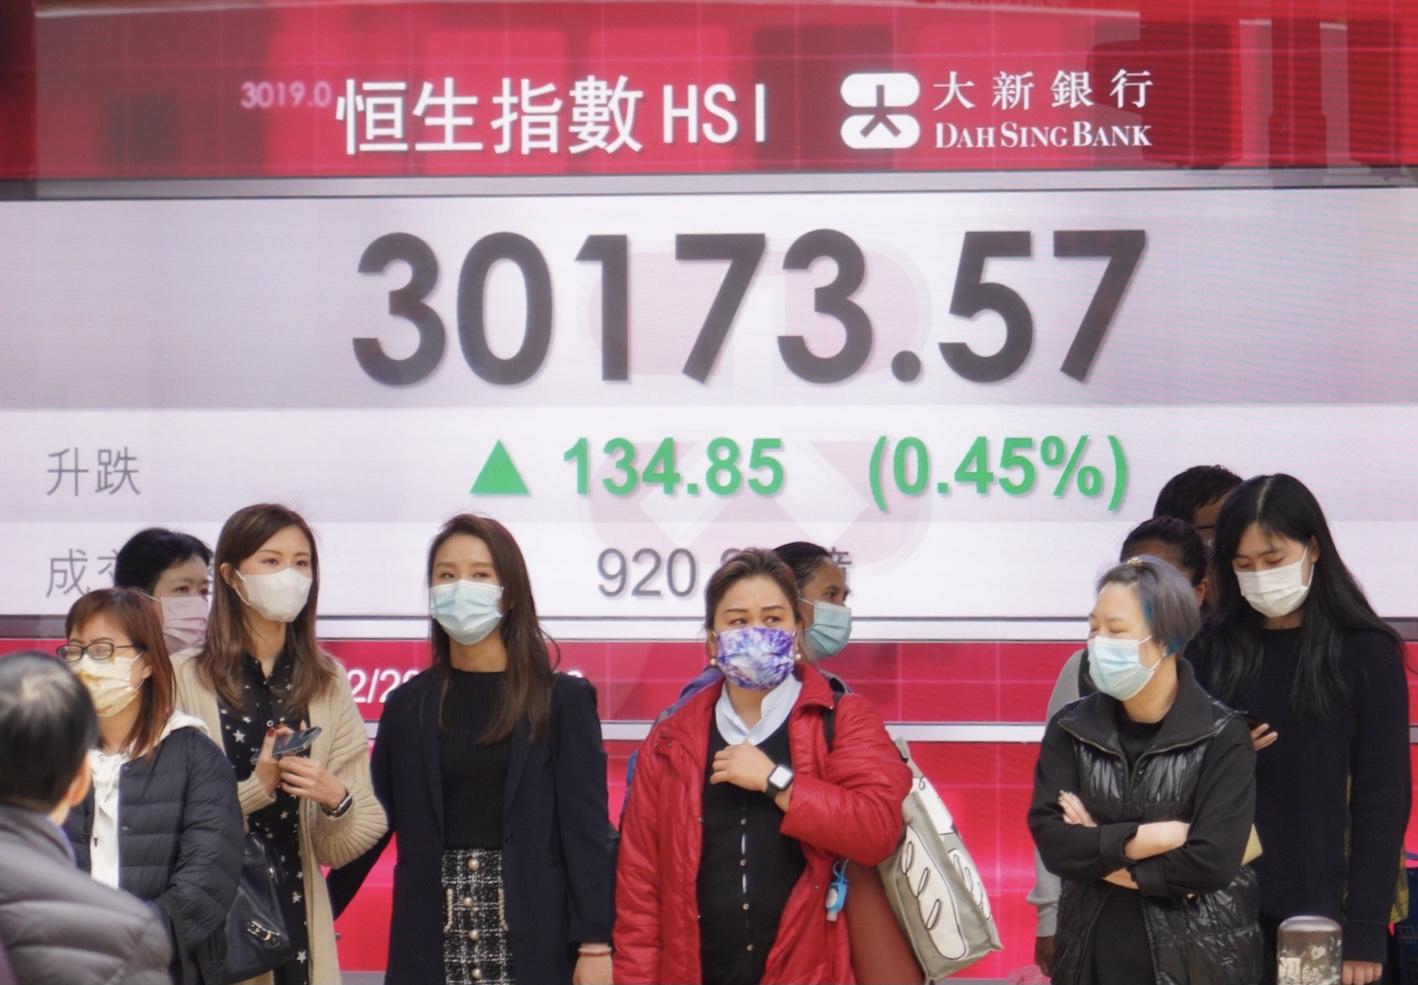 恒指鼠年全年上漲2,223點(即8%),成份股回報呈「K」型。鼠年最後交易日升134.85點,收報30173.57點,全年累升2223點。(余鋼/大紀元)